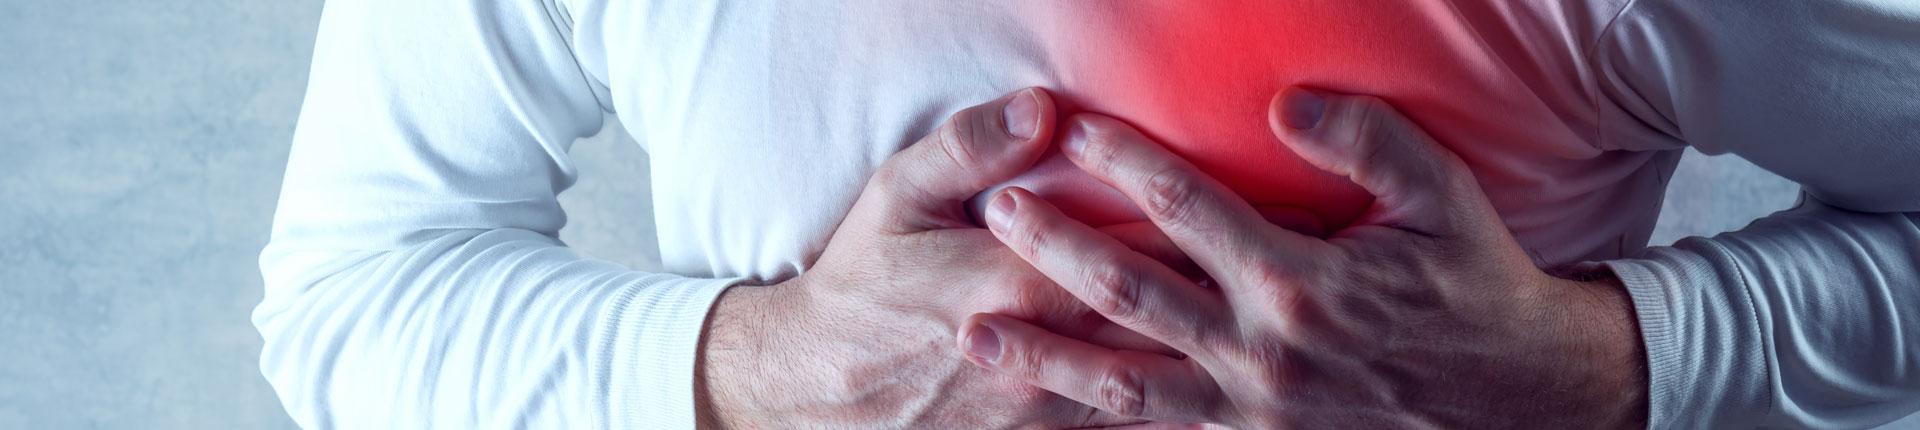 Niewydolność serca: jak się objawia?